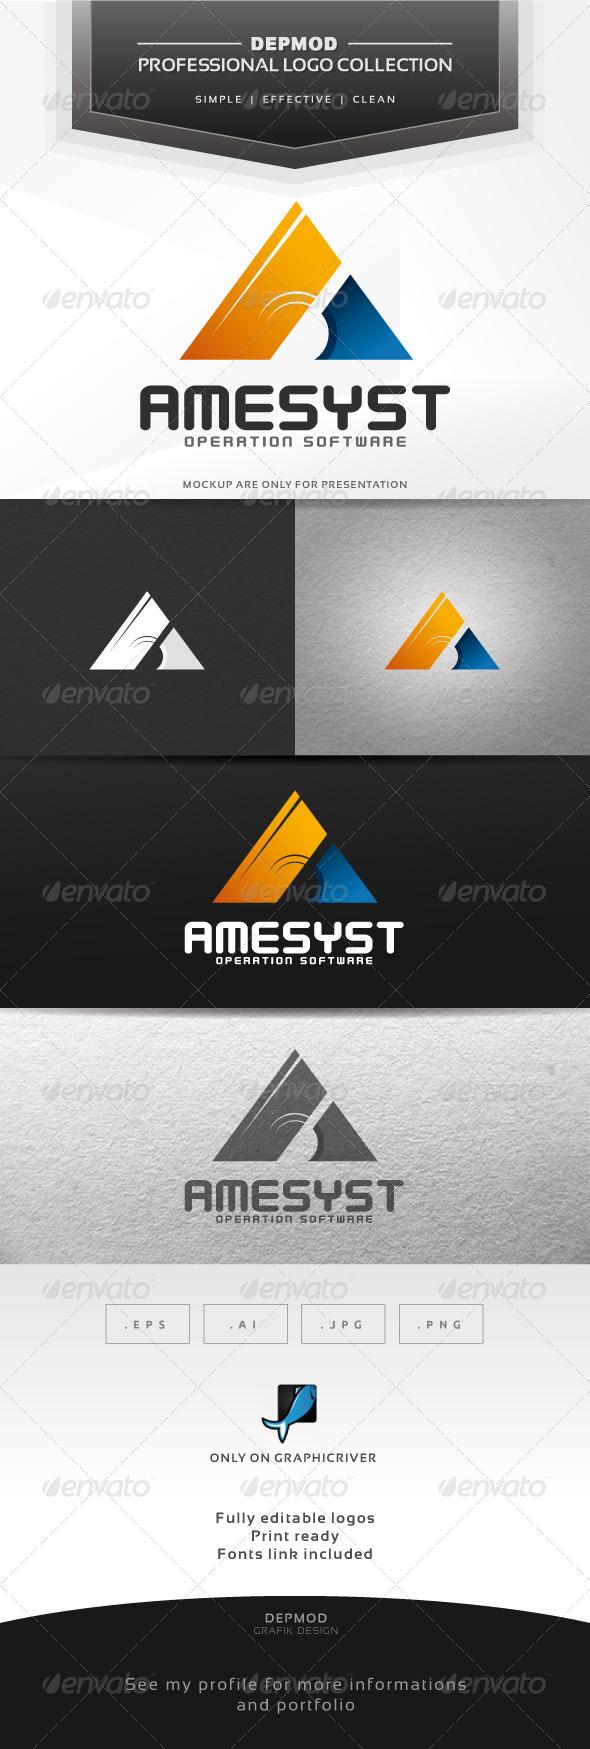 GraphicRiver Amesyst Logo 6992357